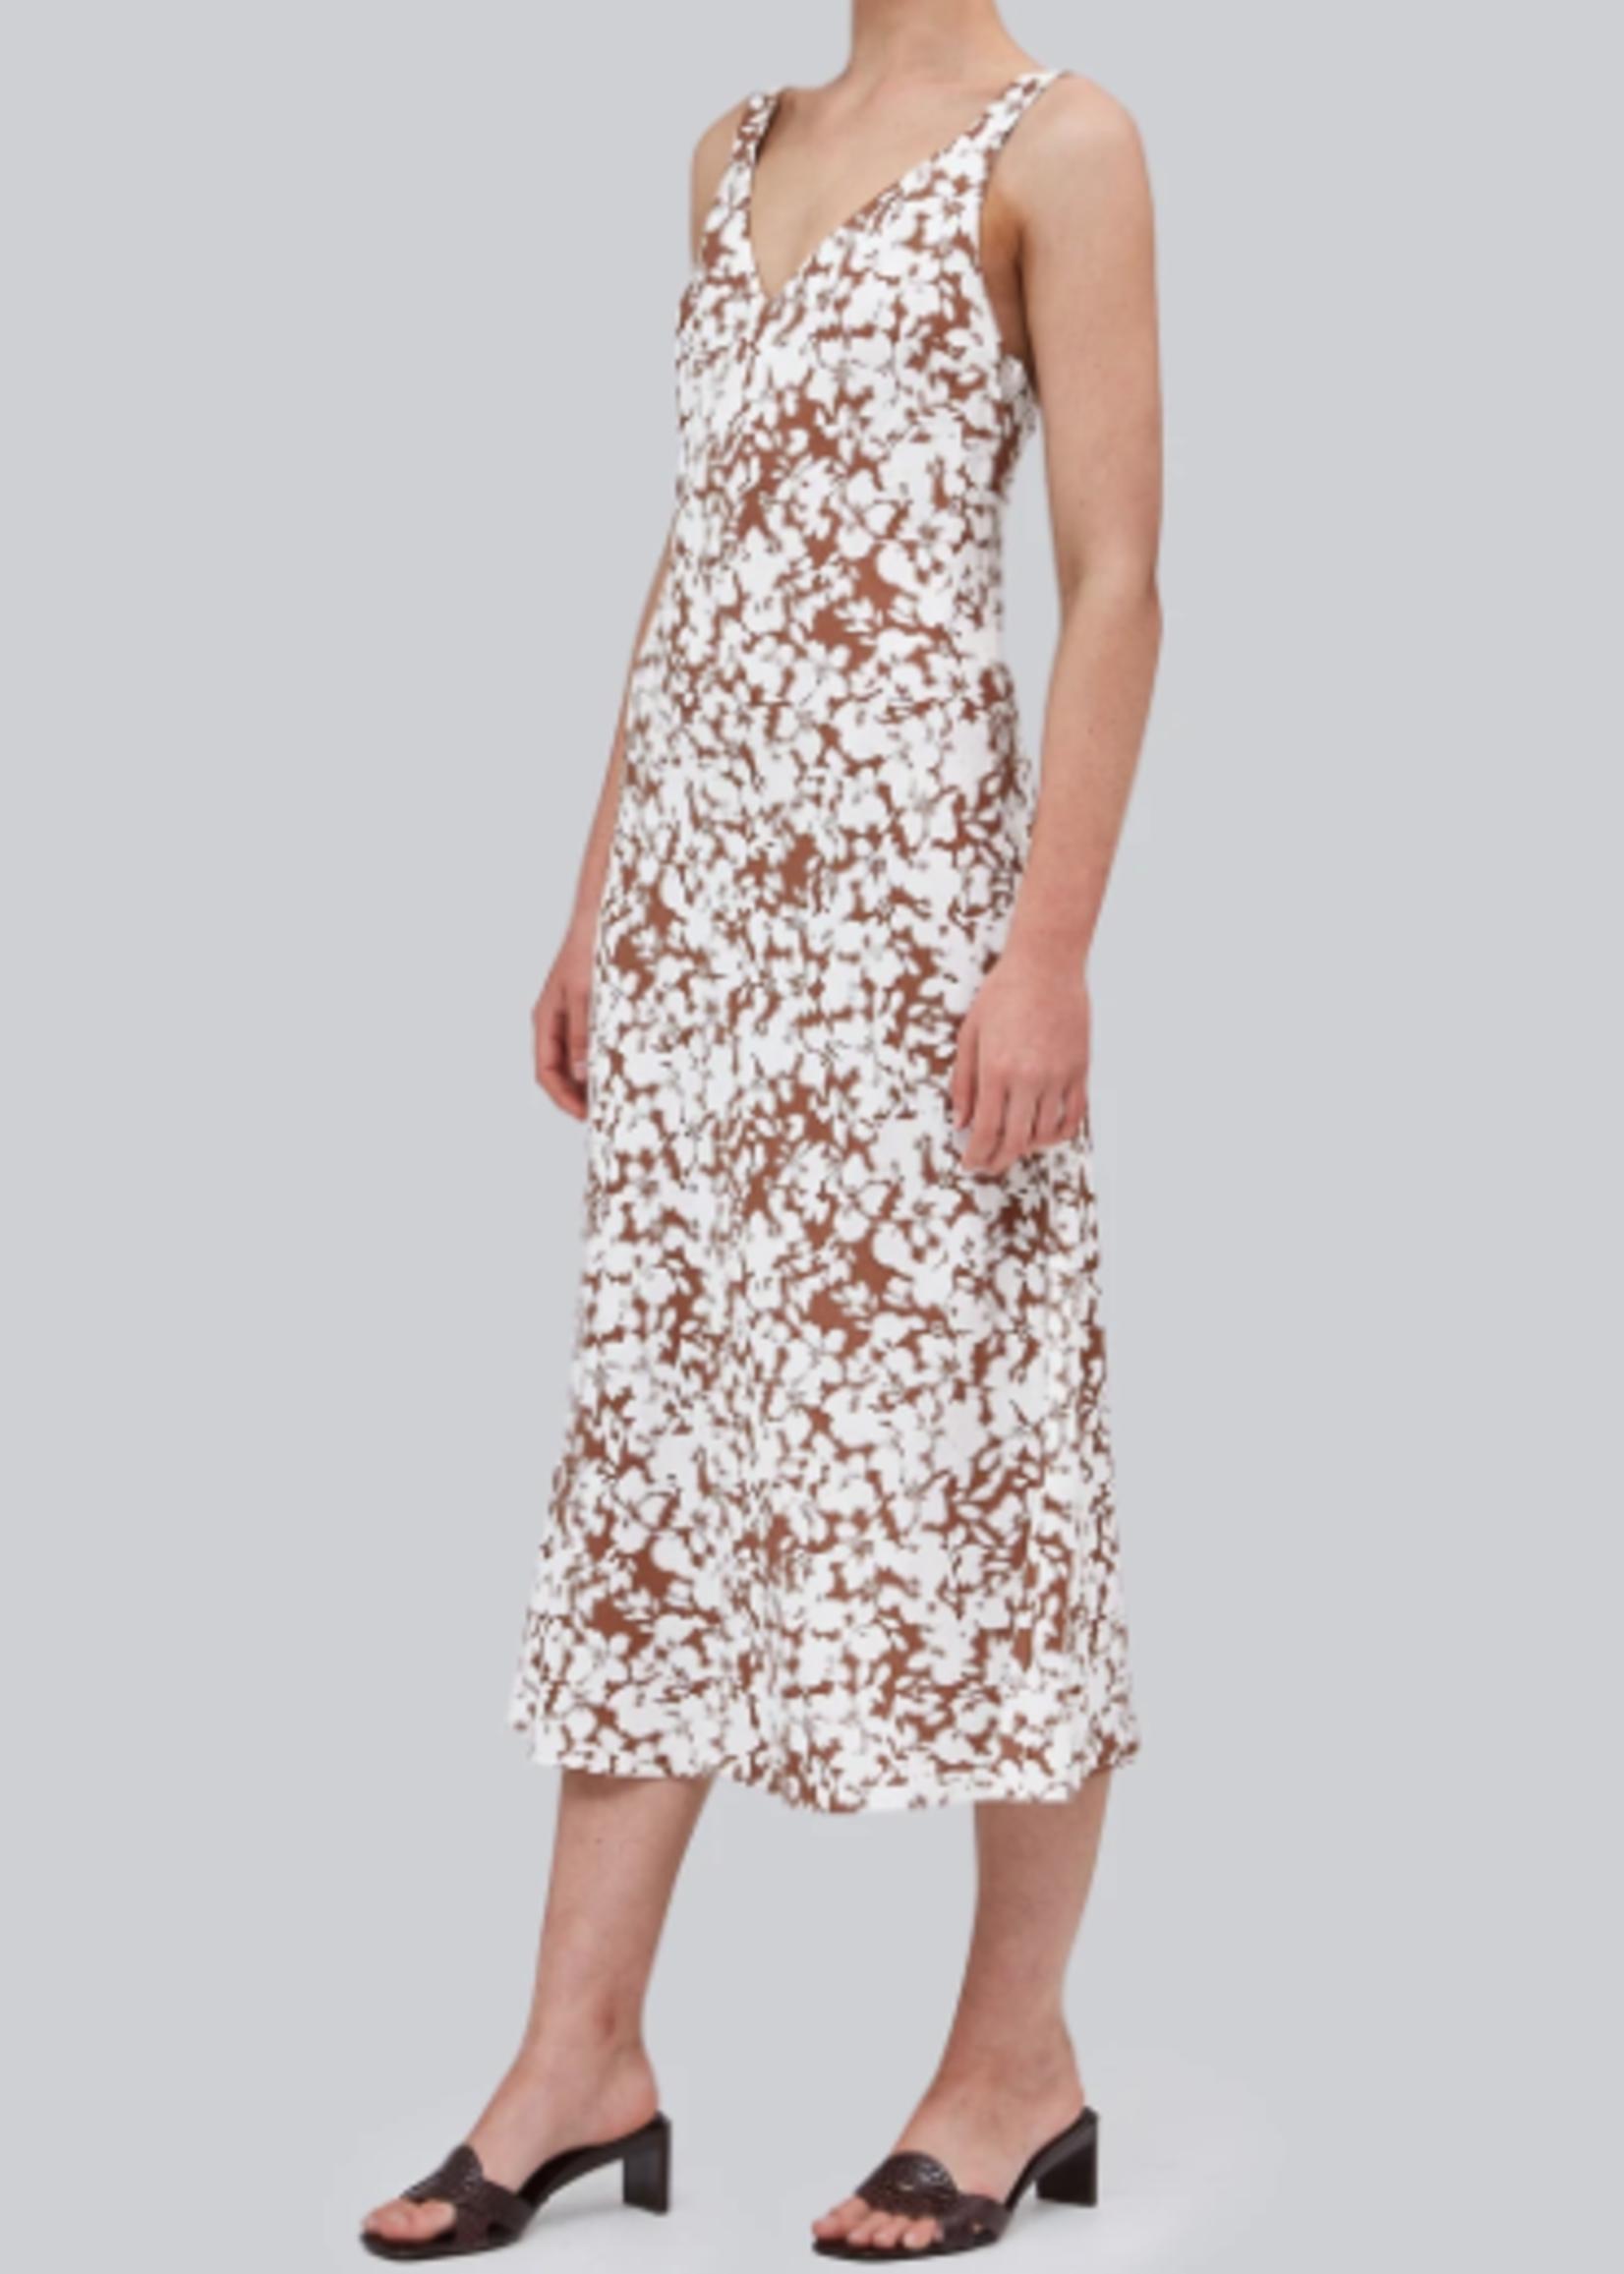 Elitaire Boutique Hera Midi Floral Dress